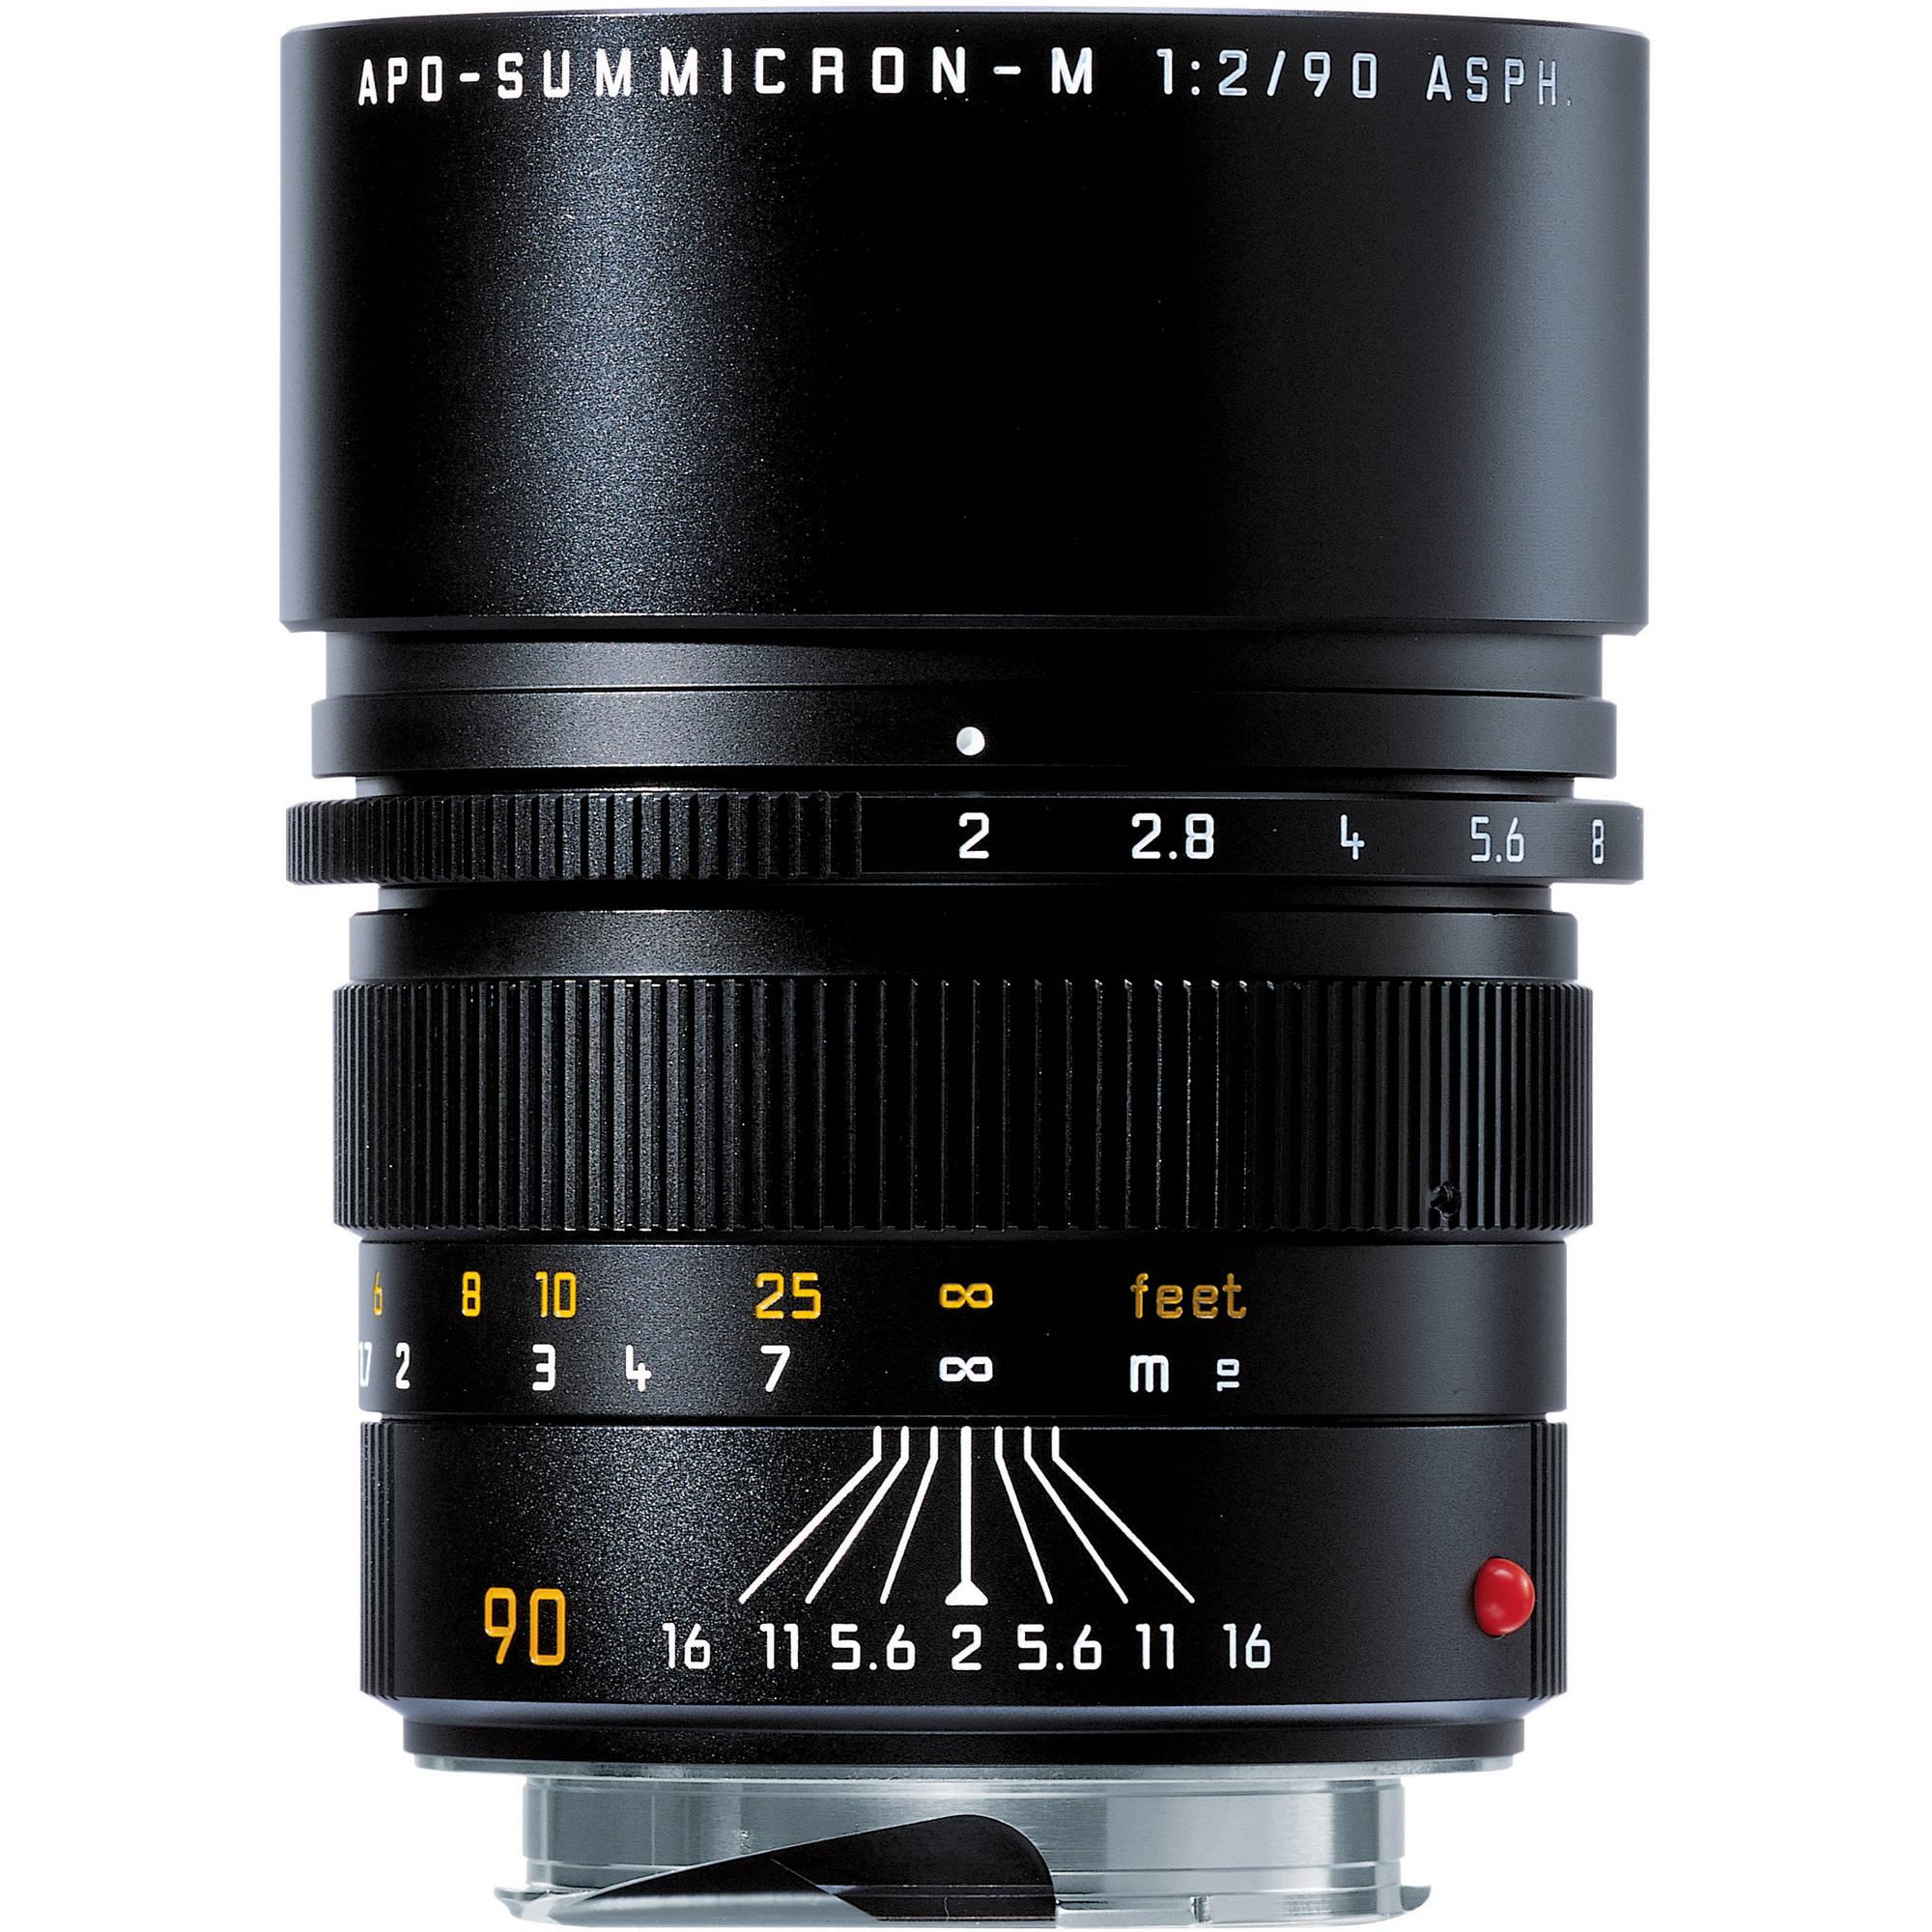 Leica Summicron M 90mm f/2,0 APO ASPH